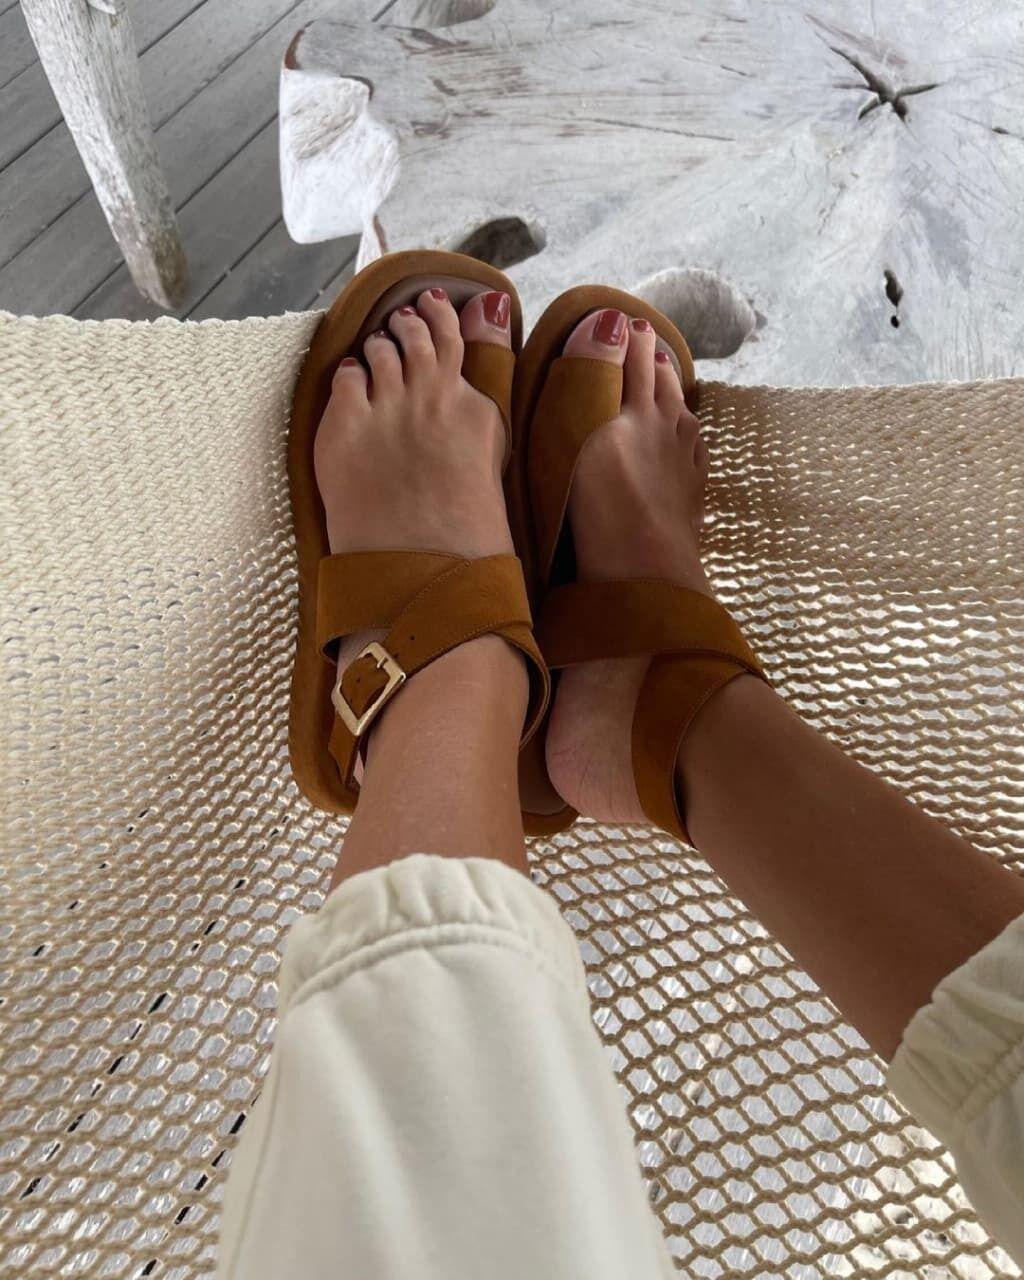 Сандалии с с тонкими ремешками актуальны этим летом.